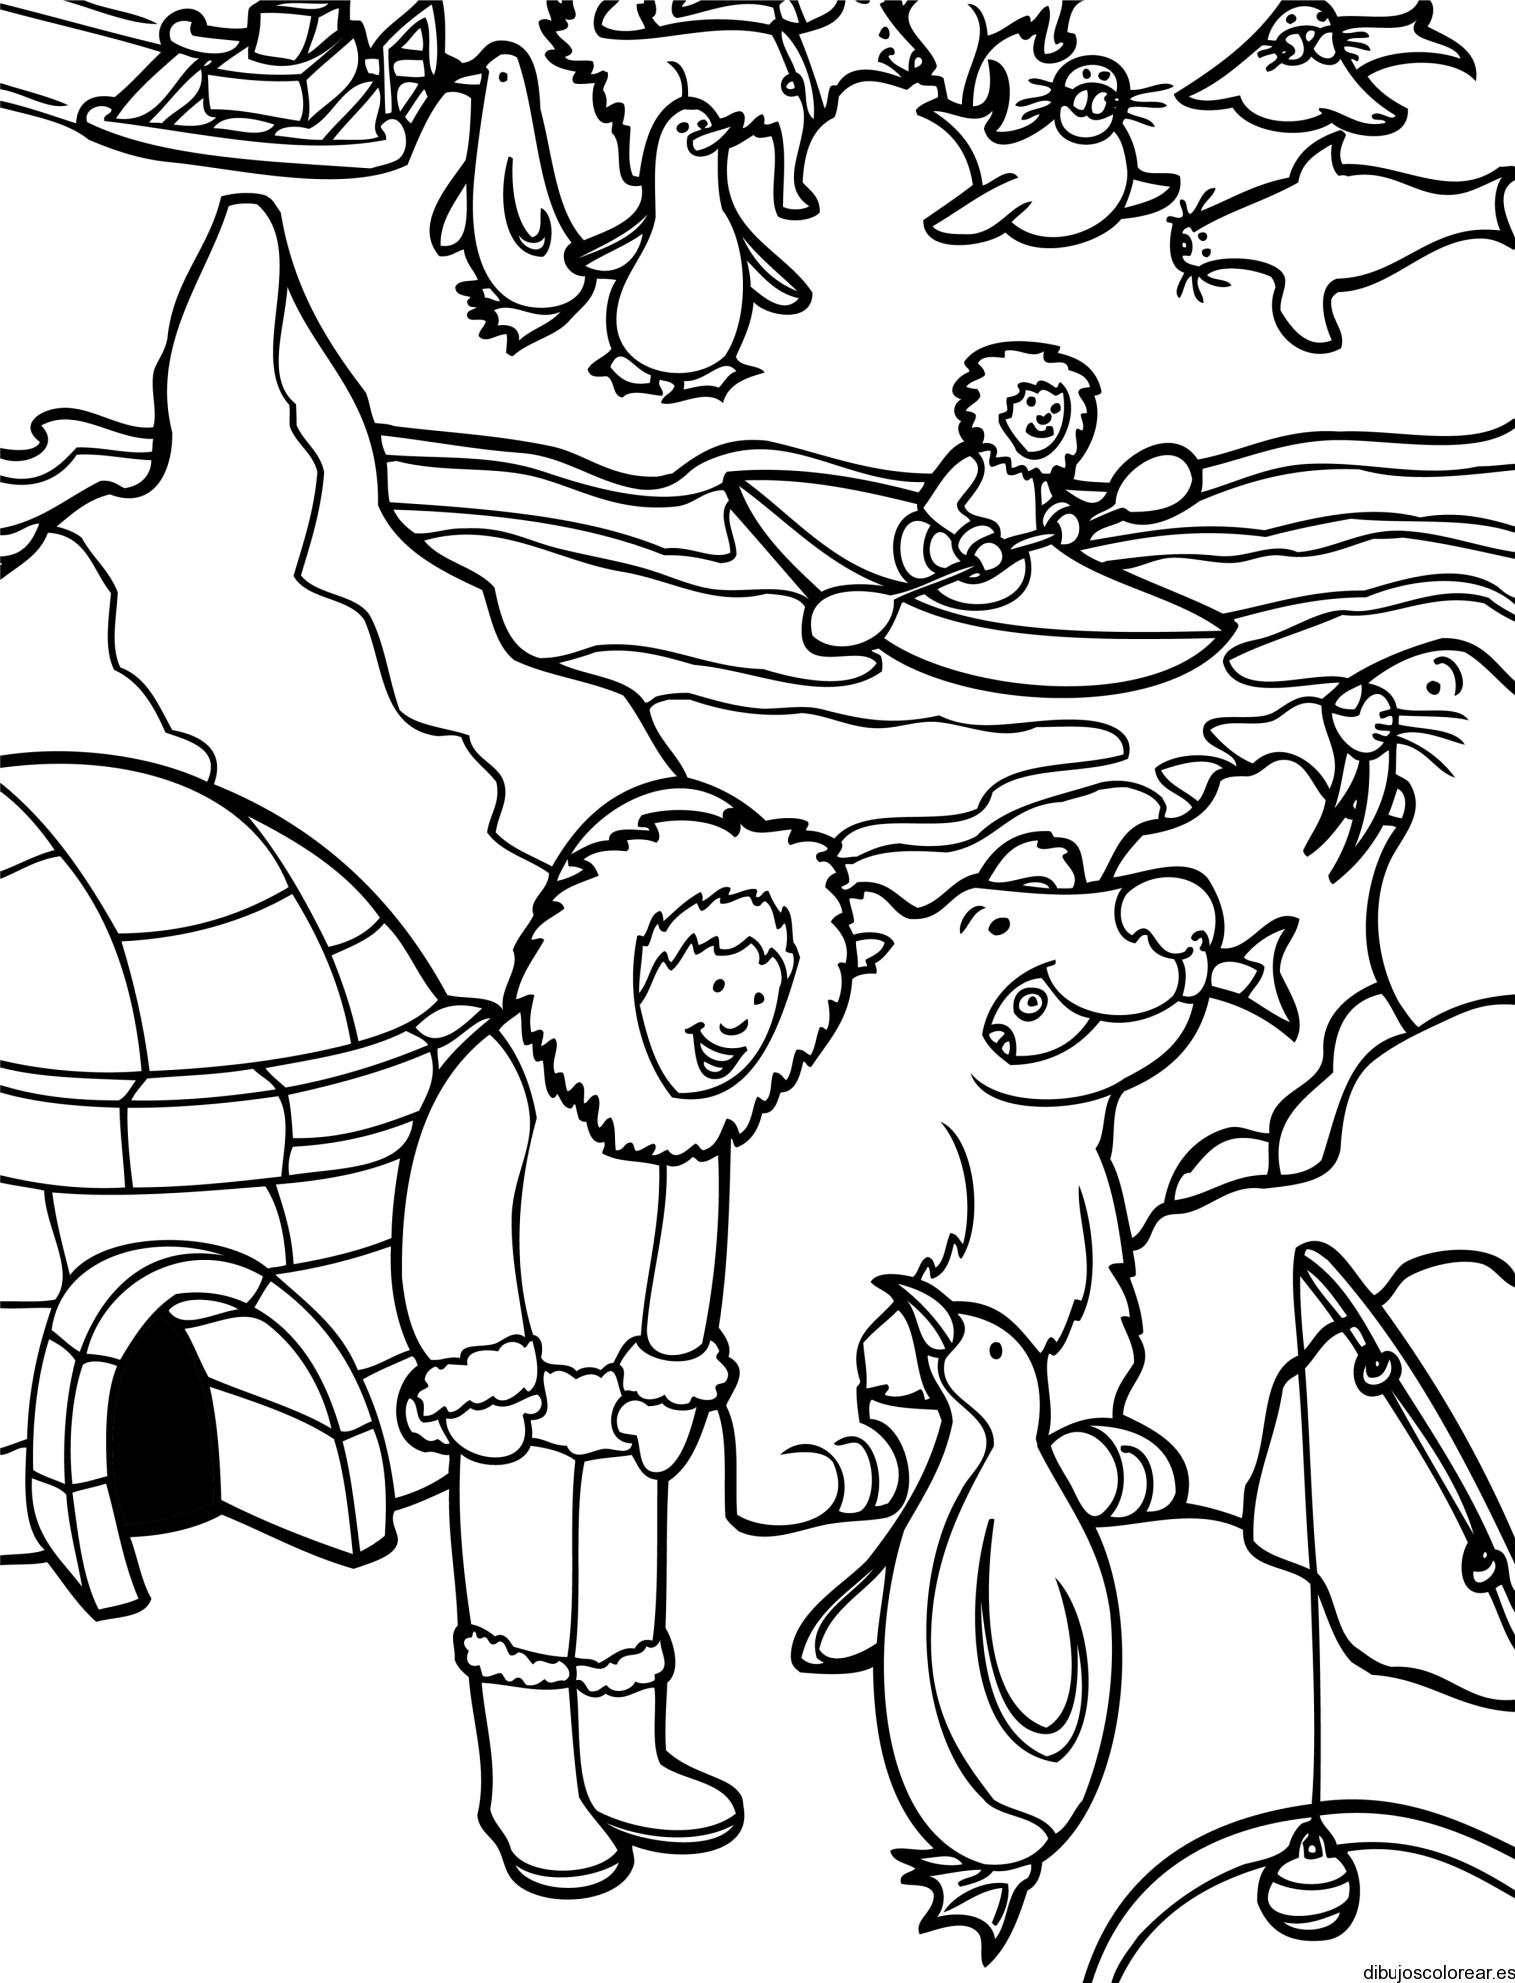 Dibujo de una familia en polo